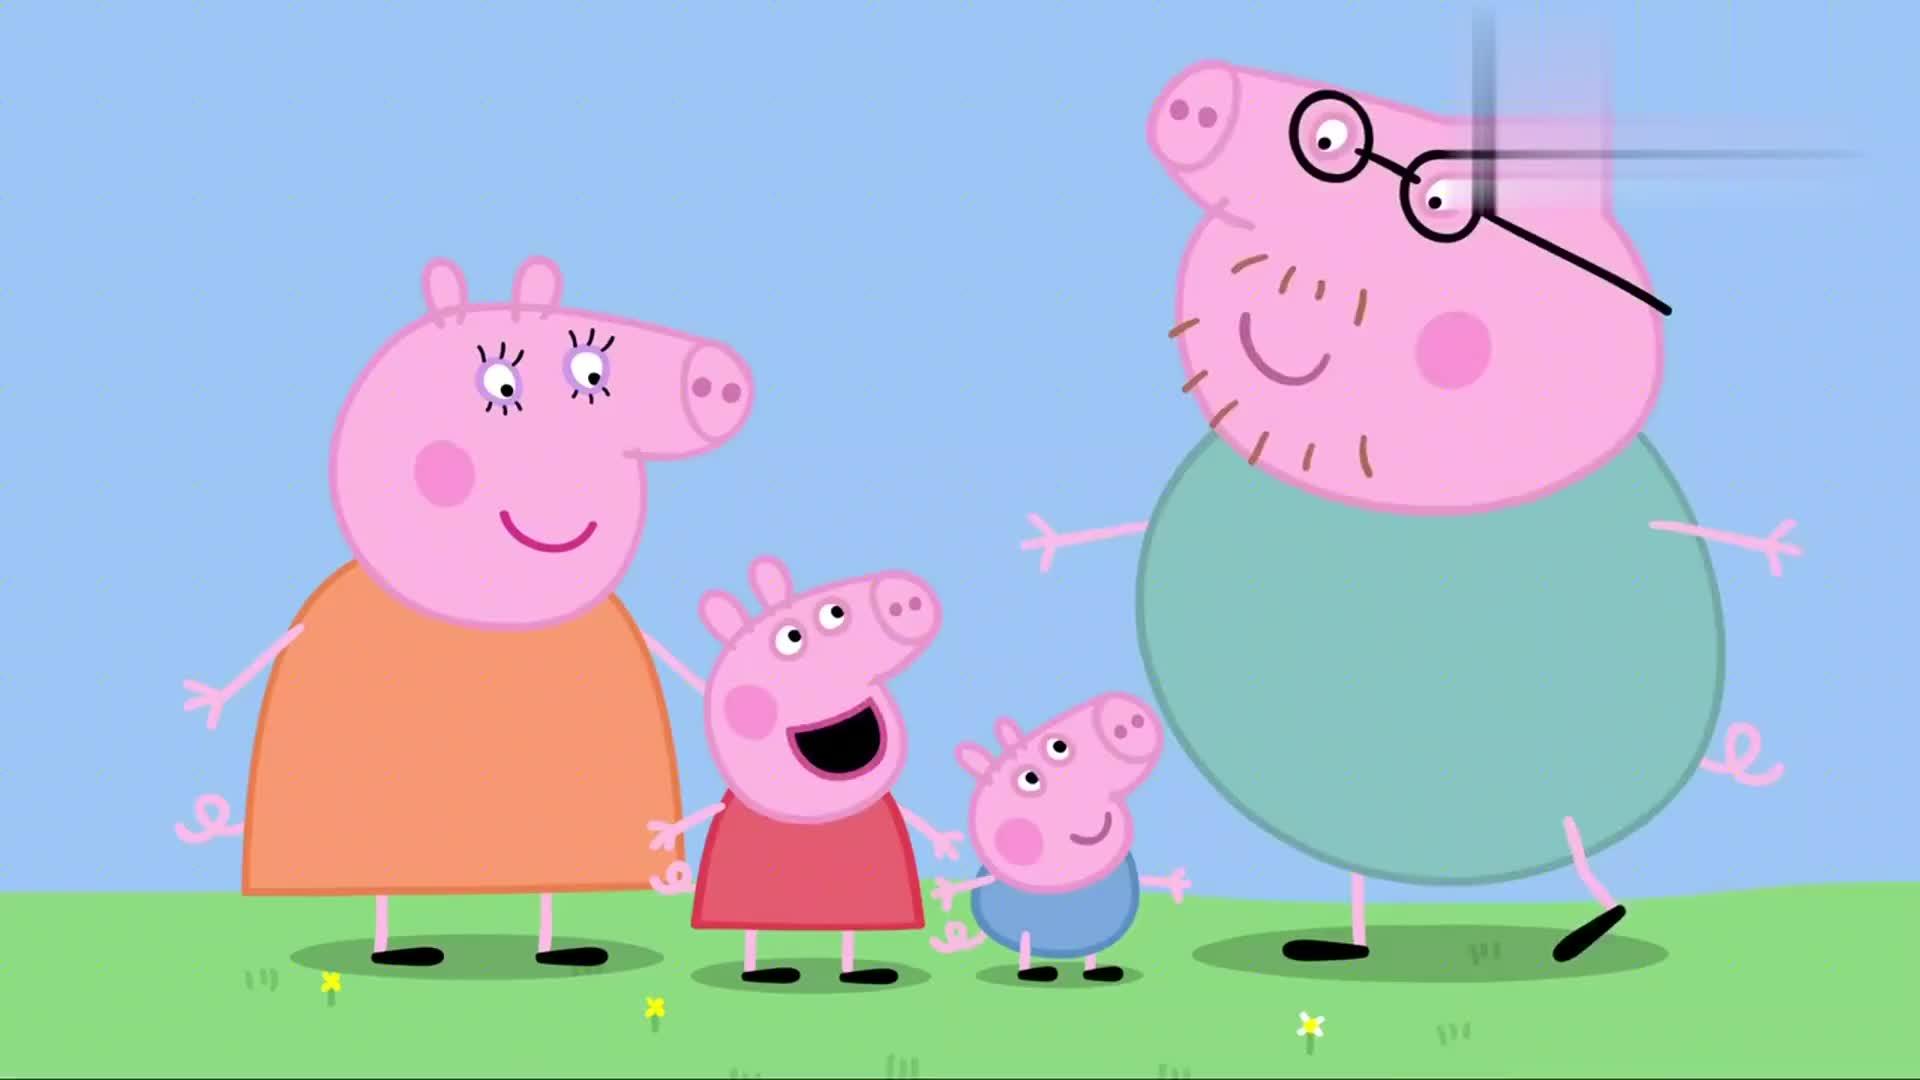 小猪佩奇:乔治还是小孩子,捉迷藏这种益智游戏,当然玩不过佩奇